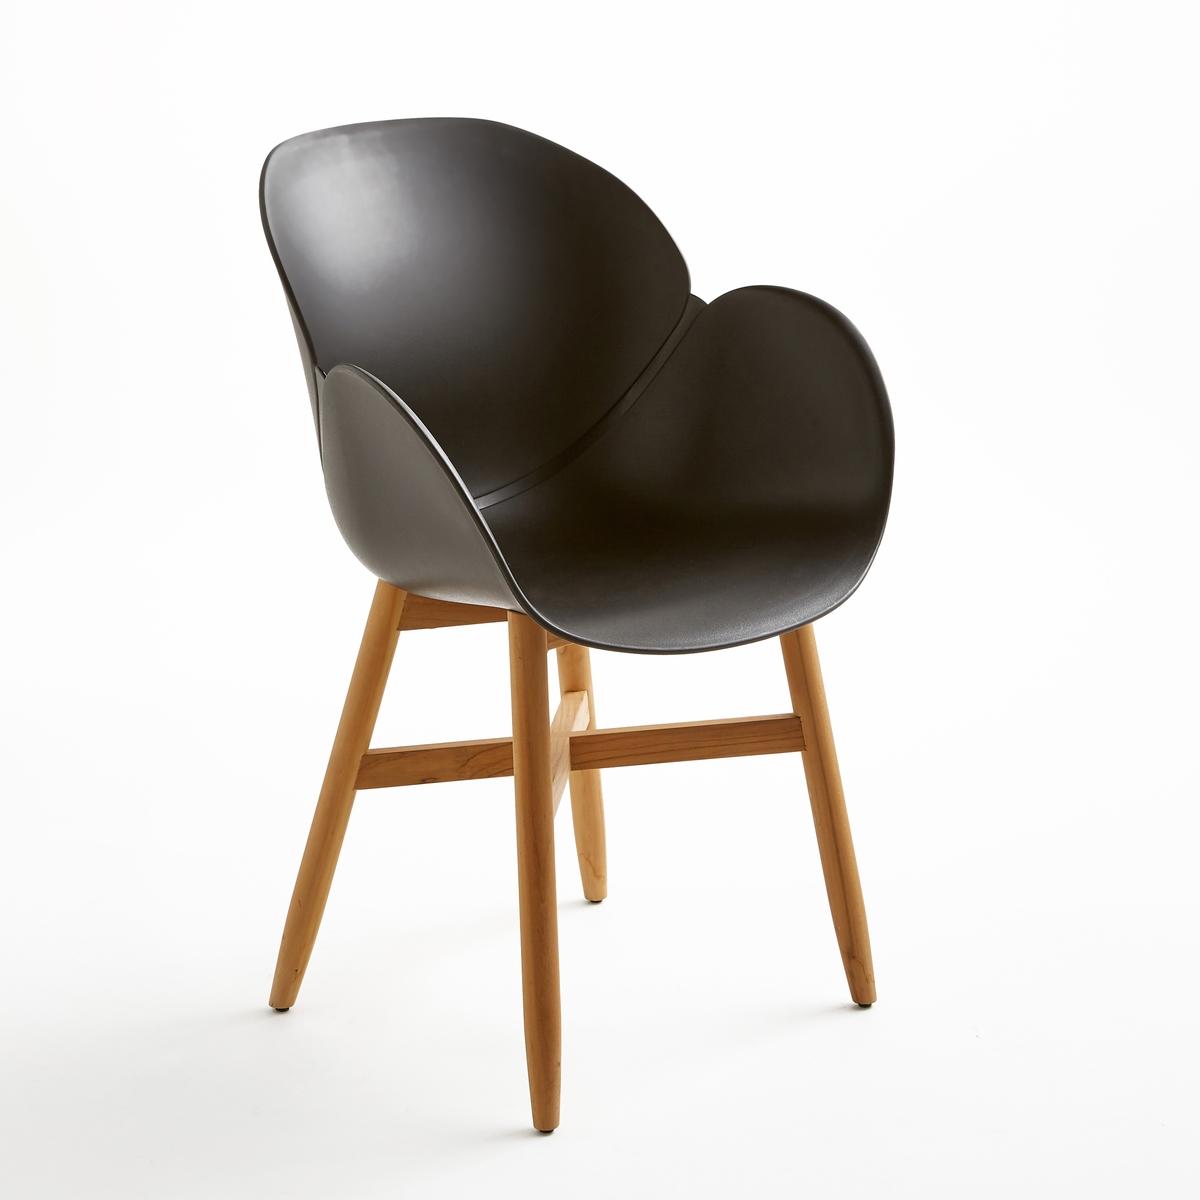 Кресло для сада с сиденьем в форме раковины, JimiКресло для сада с сиденьем в форме раковины Jimi. Кресло для сада Jimi, прочная обивка сиденья из полипропилена, крепкие ножки из тика FSC®*.Характеристики кресла для сада с сиденьем в форме раковины Jimi :Сиденье в форме раковины и подлокотники из полипропилена.Расширяющиеся ножки из тика FSC®*, с натуральной отделкой .Всю коллекцию мебели для сада и стулья того же набора Jimi вы можете найти на сайте laredoute.ruРазмеры кресла для сада с сиденьем в форме раковины Jimi :Общие размерыДлина : 58 см  Высота : 85,5 смГлубина : 58 см  Сиденье : Ш.42 x Г.48 смРазмеры и вес упаковки :1 упаковка :62 x 54 x В.55 см7 кгДоставка:Товар продается готовым к сборке.Возможна доставка до двери по предварительной договоренности.Внимание! Убедитесь, что возможно осуществить доставку товара, учитывая его габариты (проходит в дверные проемы, лестничные проходы, лифты).*Ярлык FSC - Международный Лесной попечительский совет- гарантирует бережное использование природных ресурсов, сохранение биологического разнообразия и местных видов ® 1996 FSC.<br><br>Цвет: черный